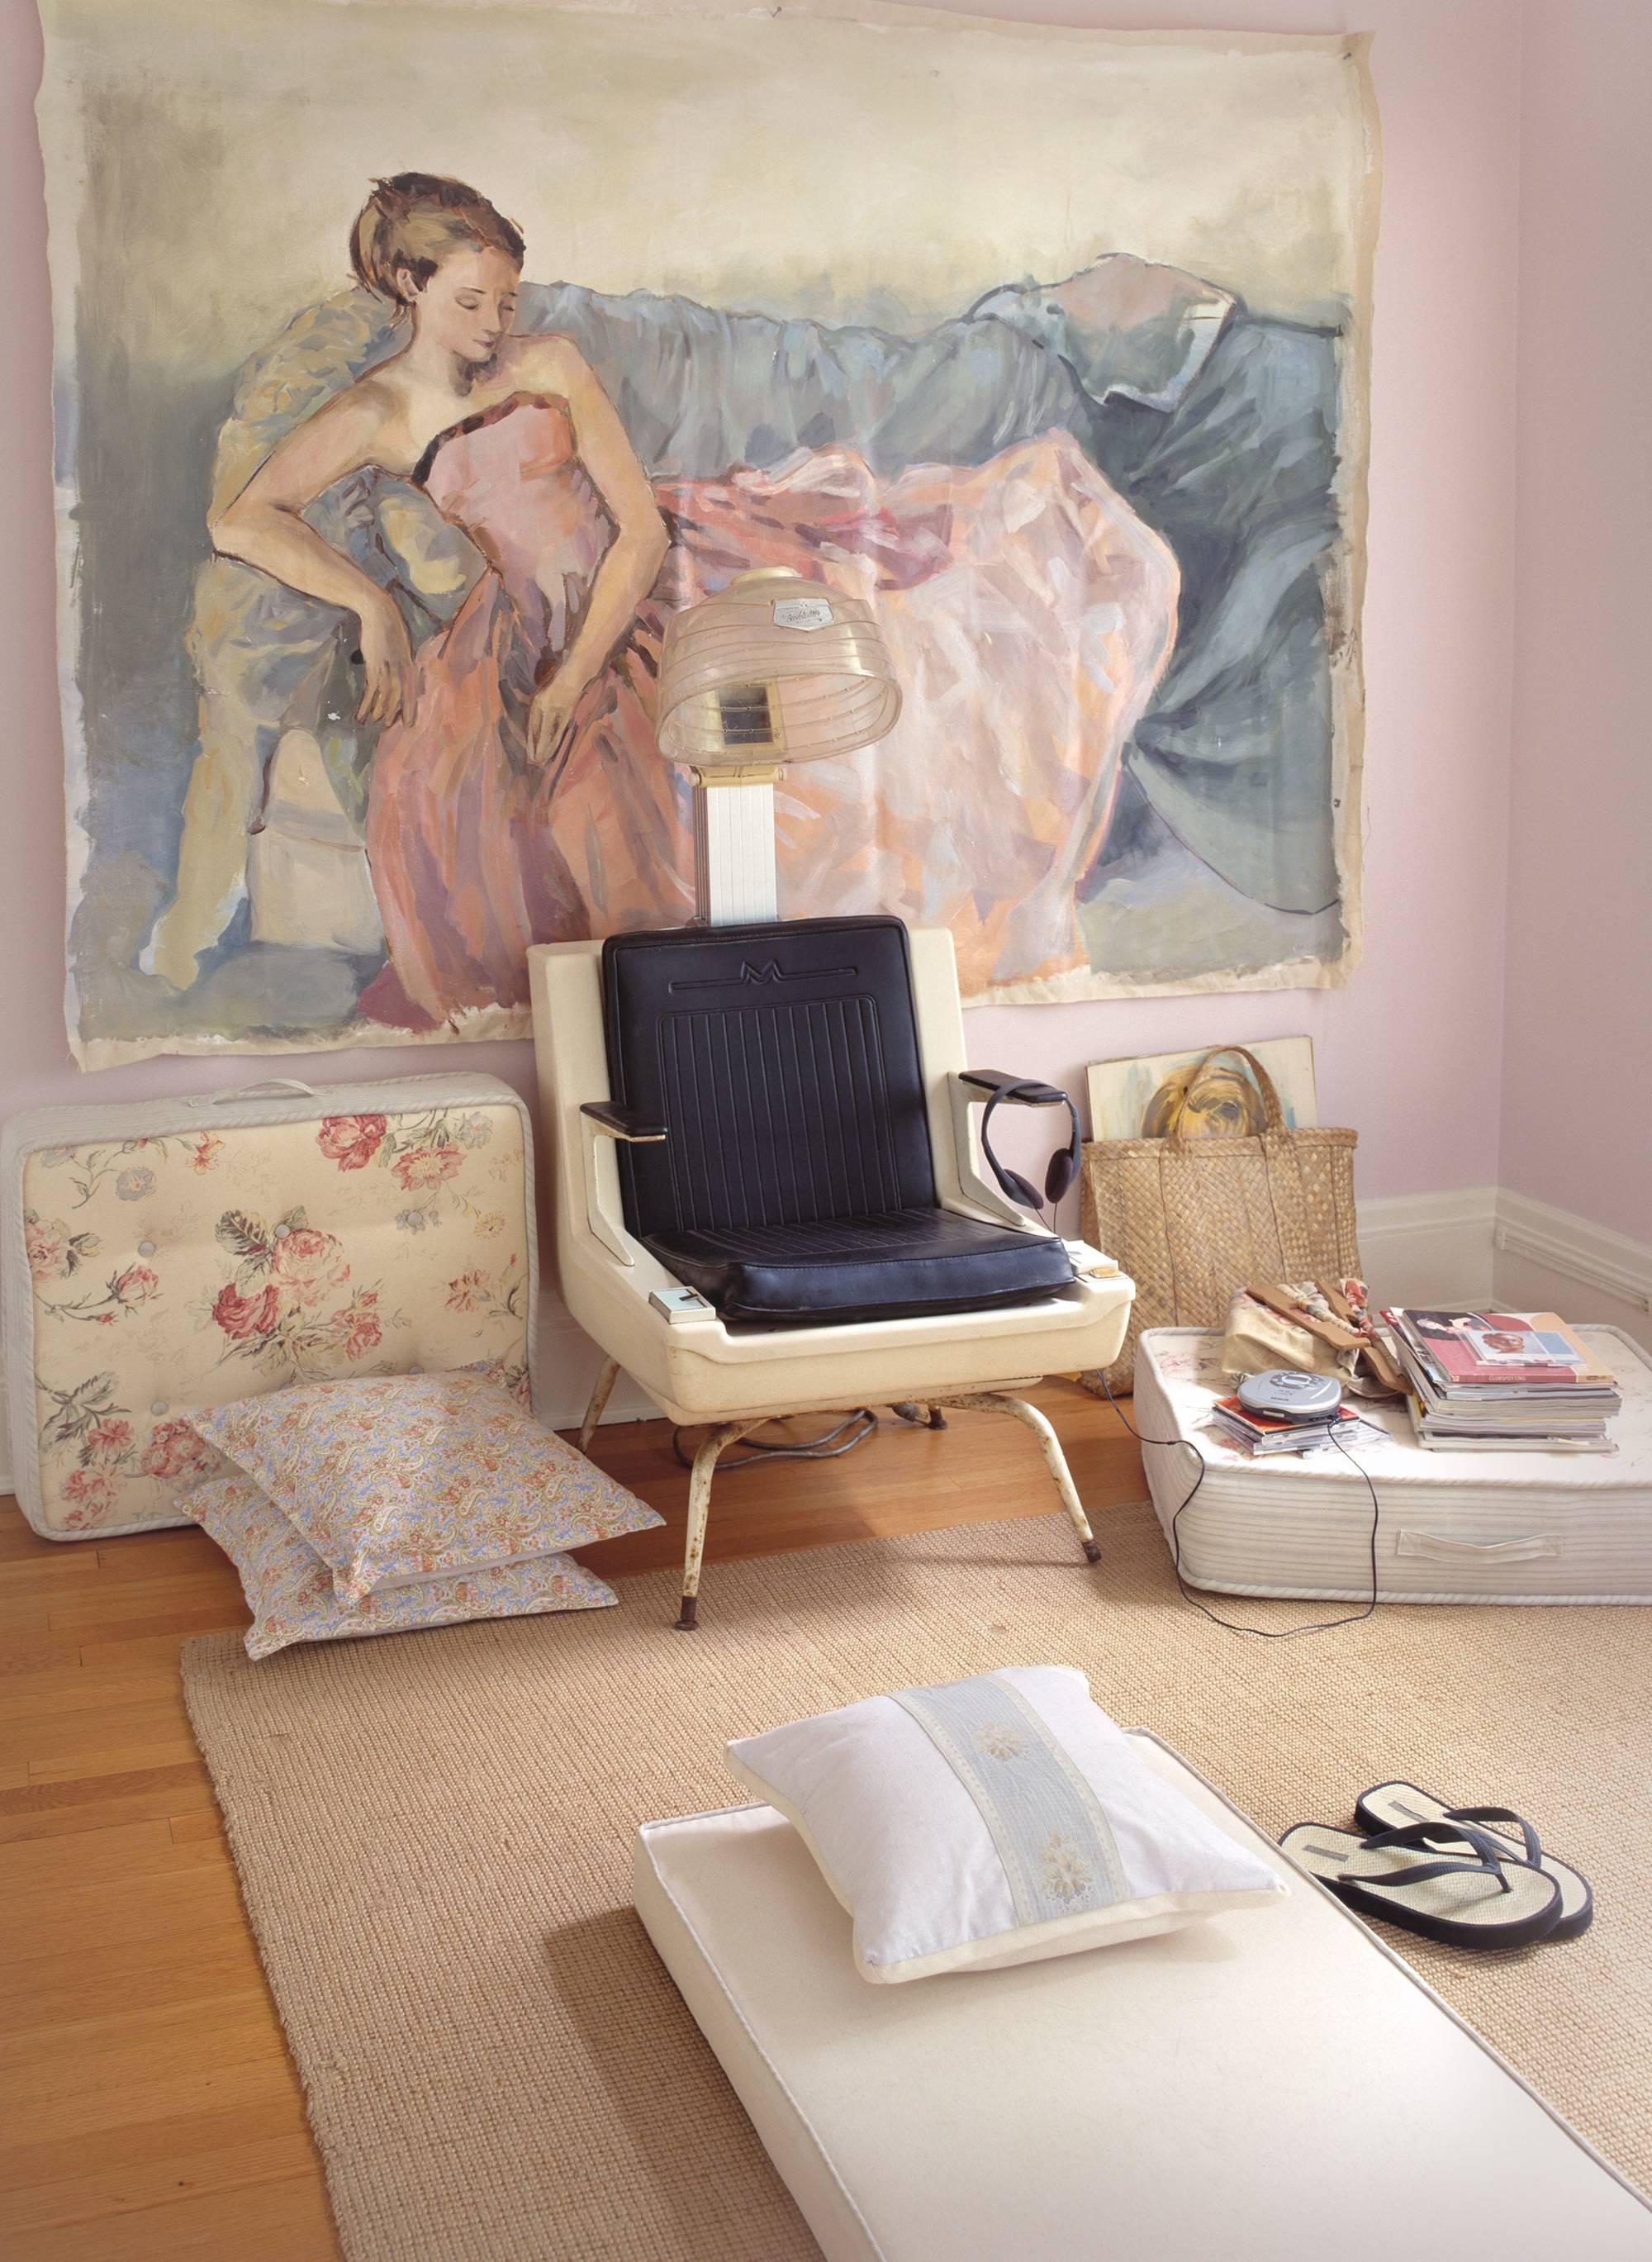 004_R_AMWButlersGirlsBedroom_Wvignette.jpg